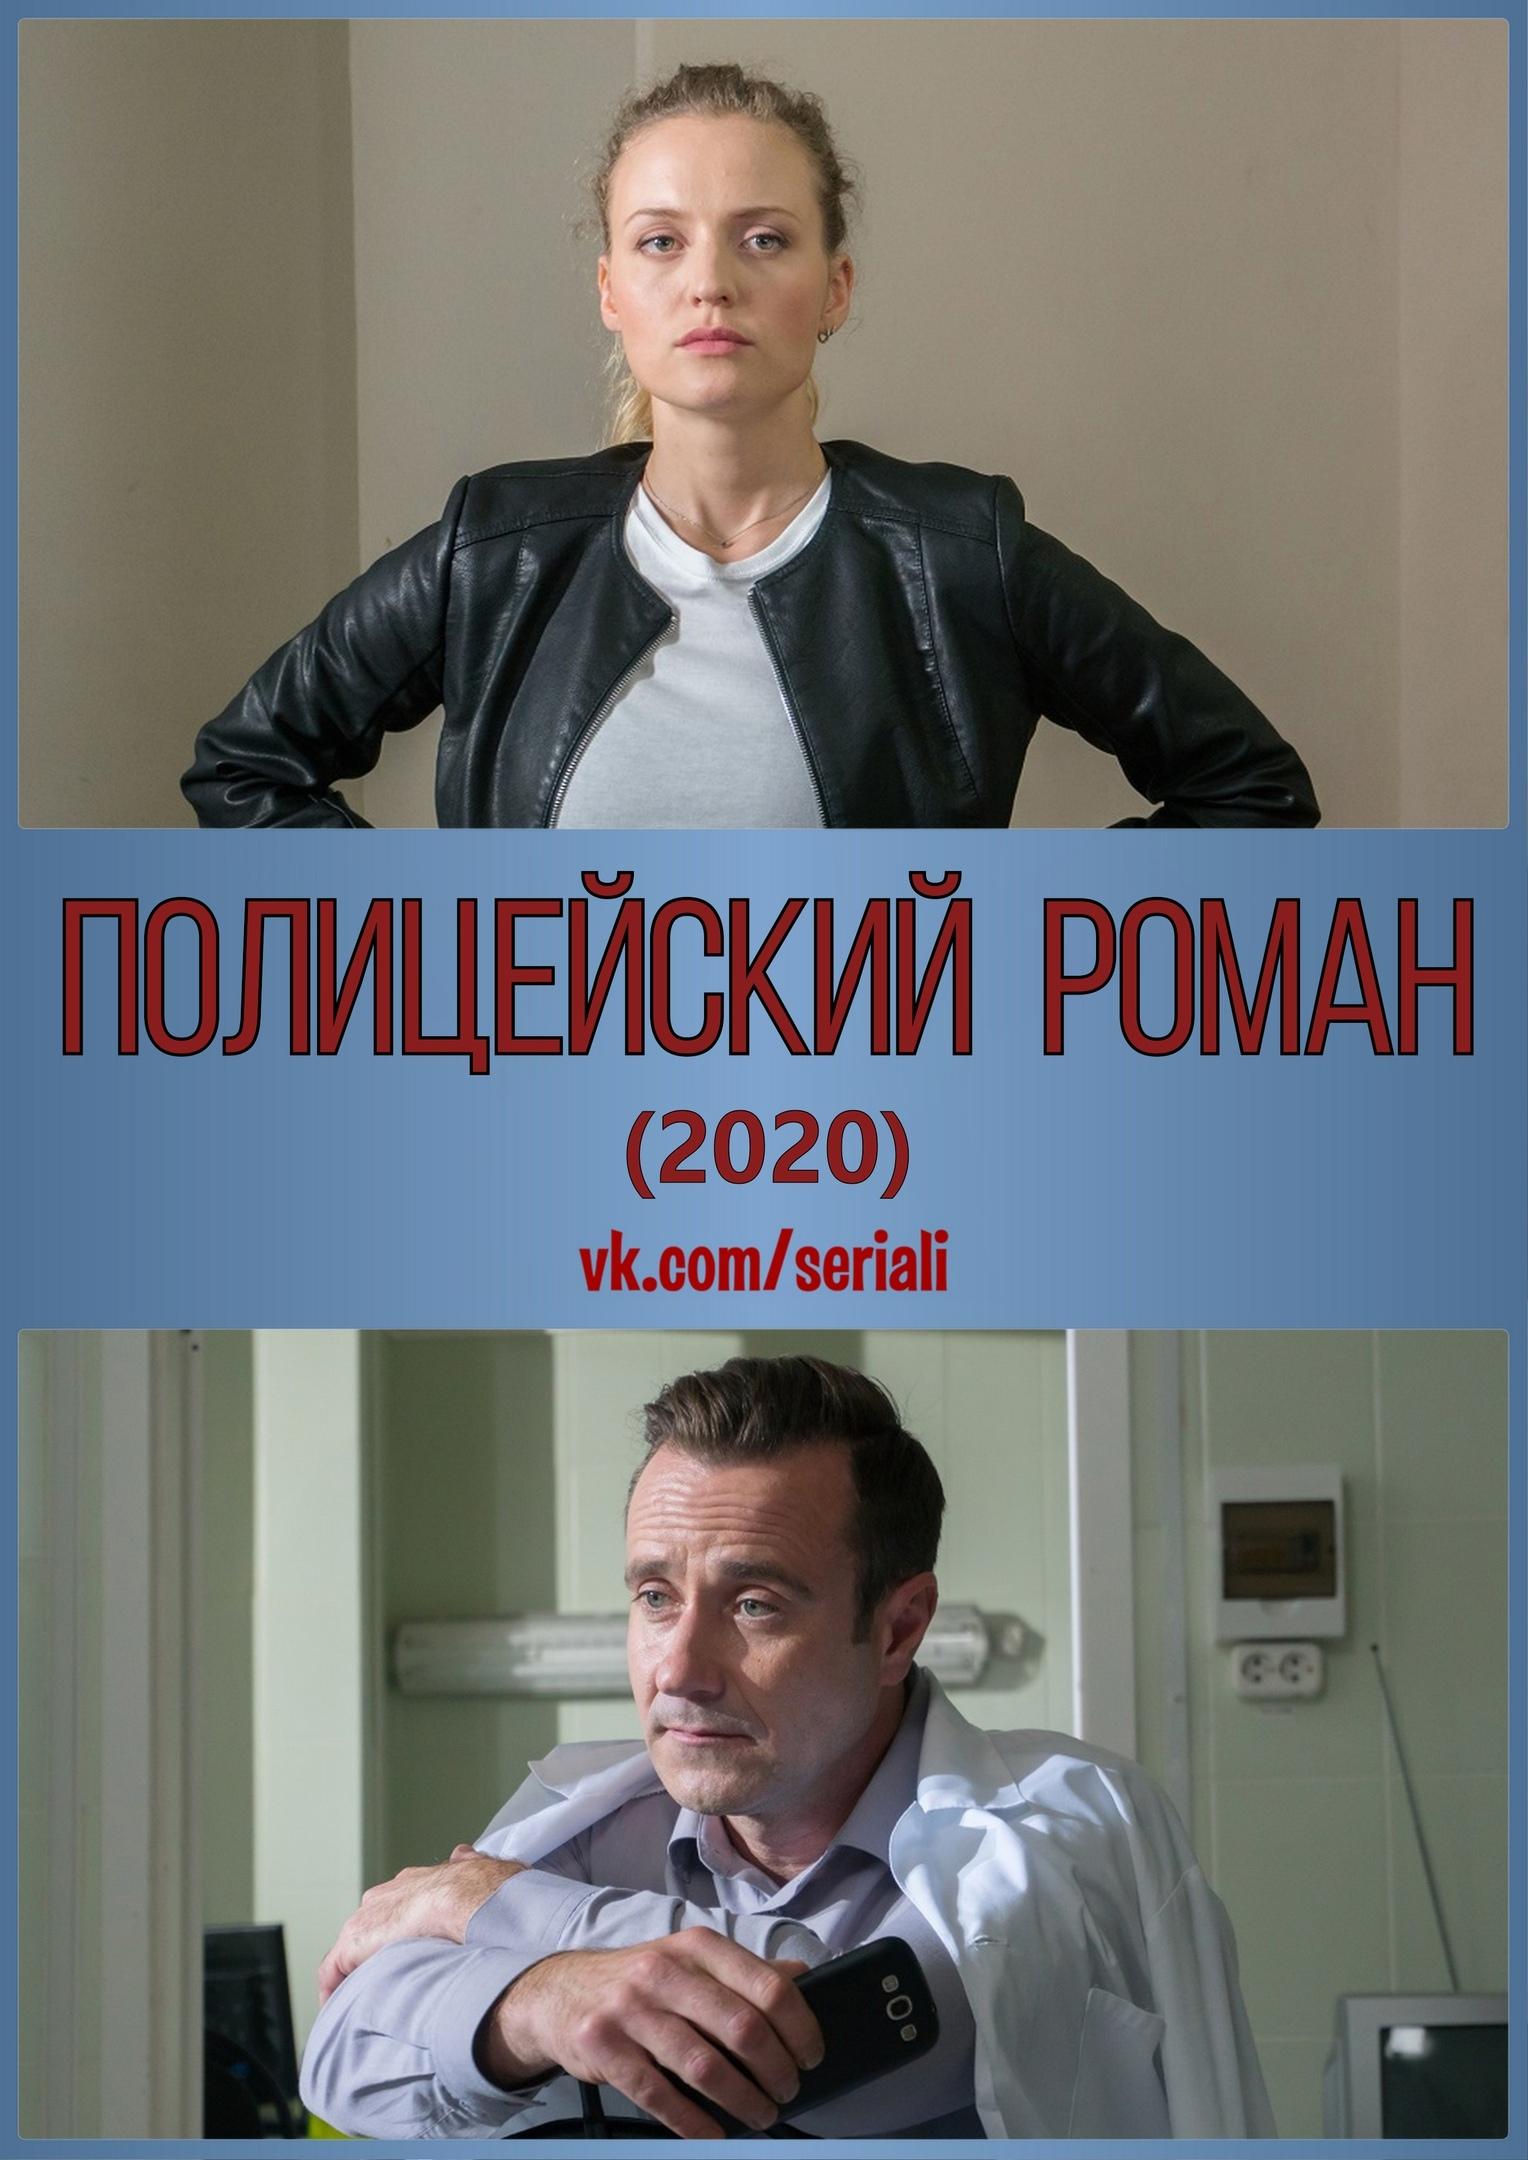 Детективная мелодрама «Пoлицeйcкий poмaн» (2020) HD